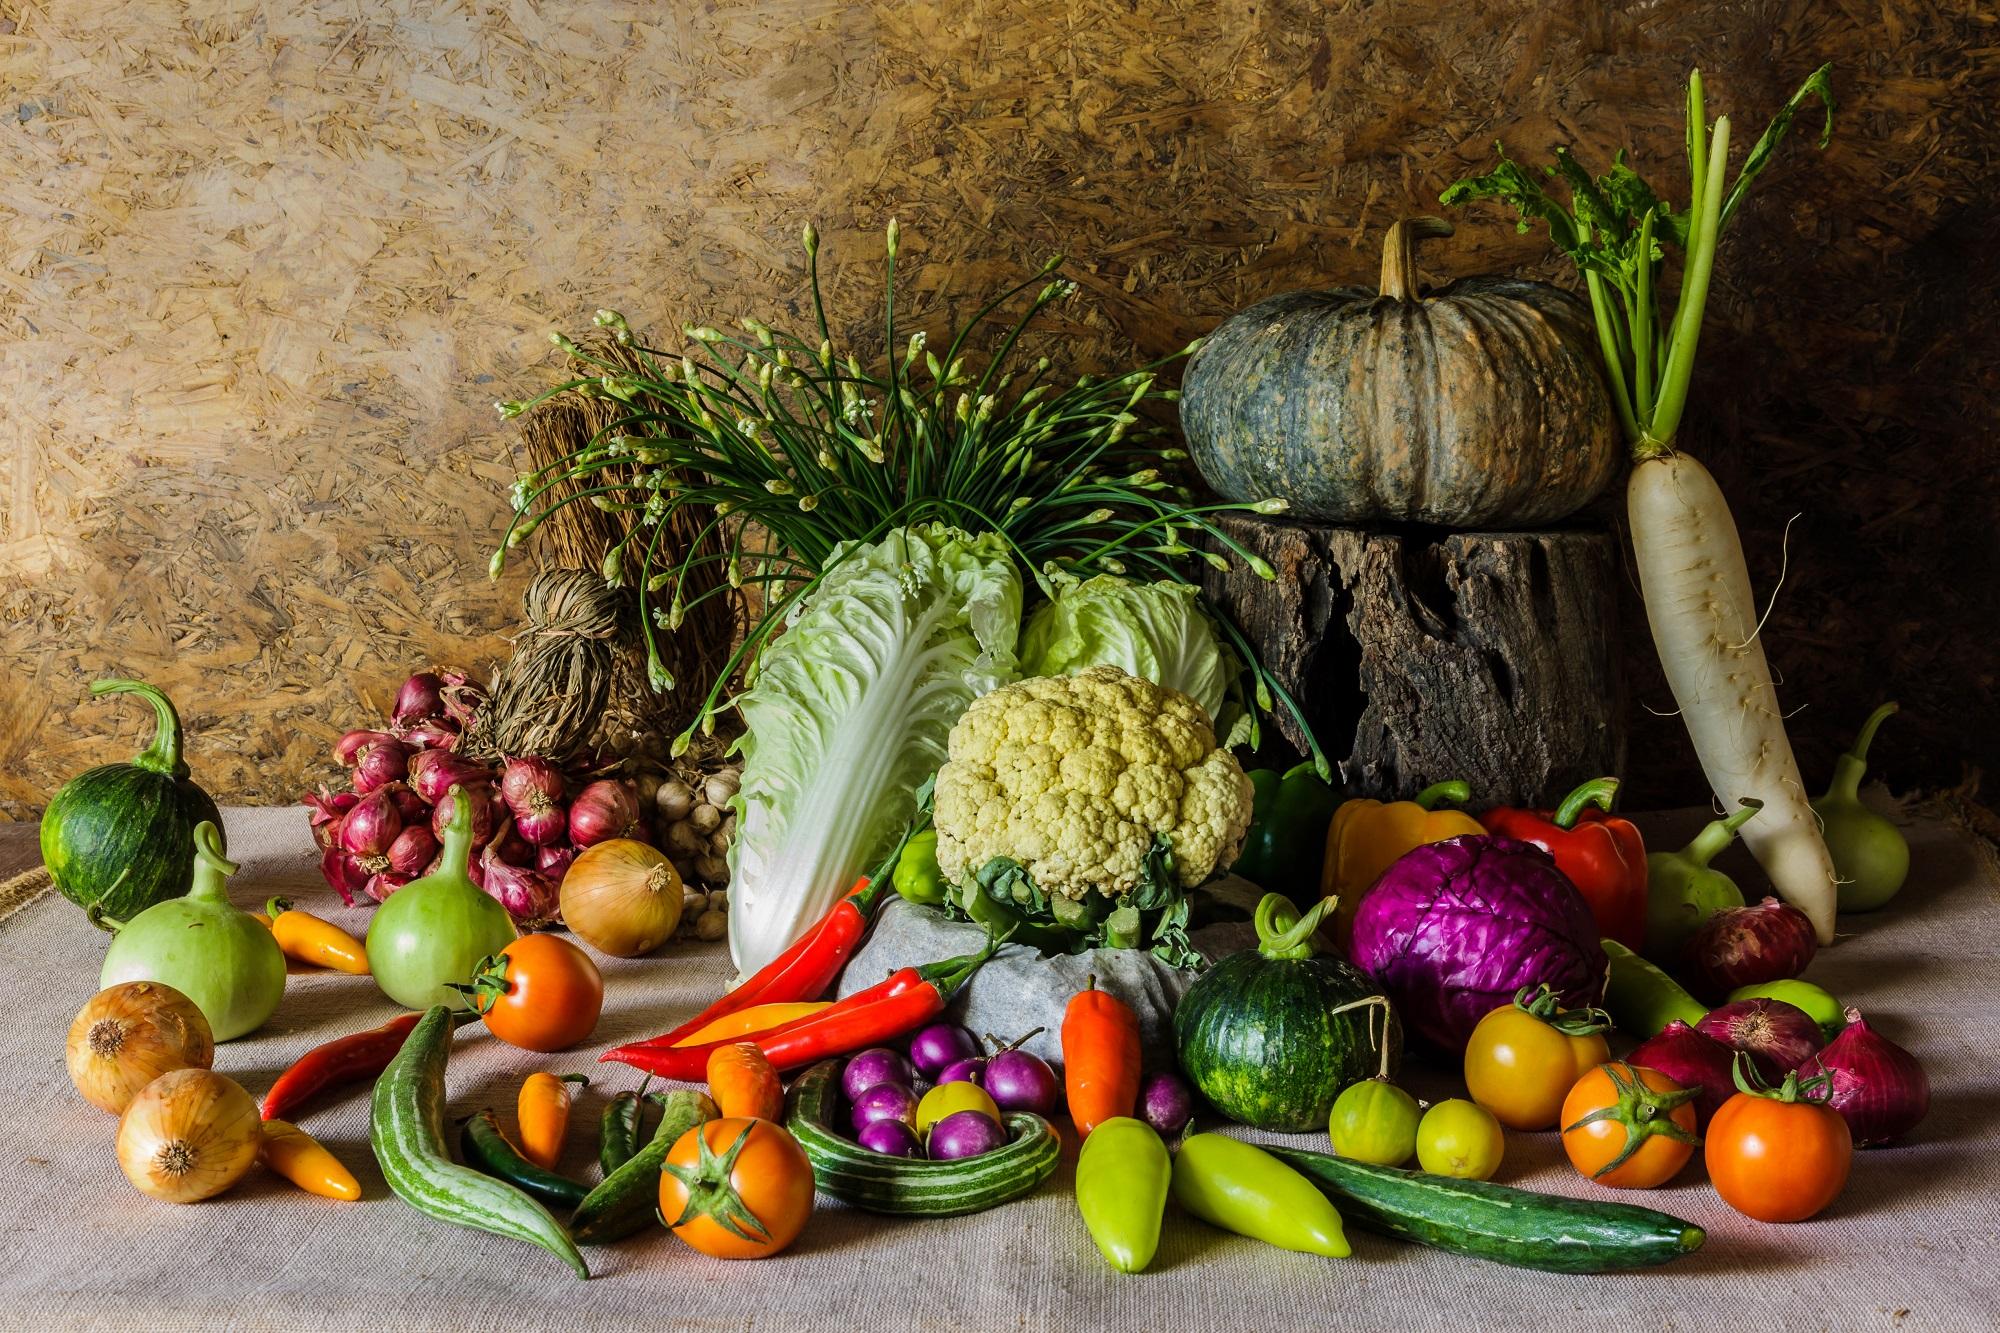 Календарь садовода и огородника 2019. Источник фото: Shutterstock